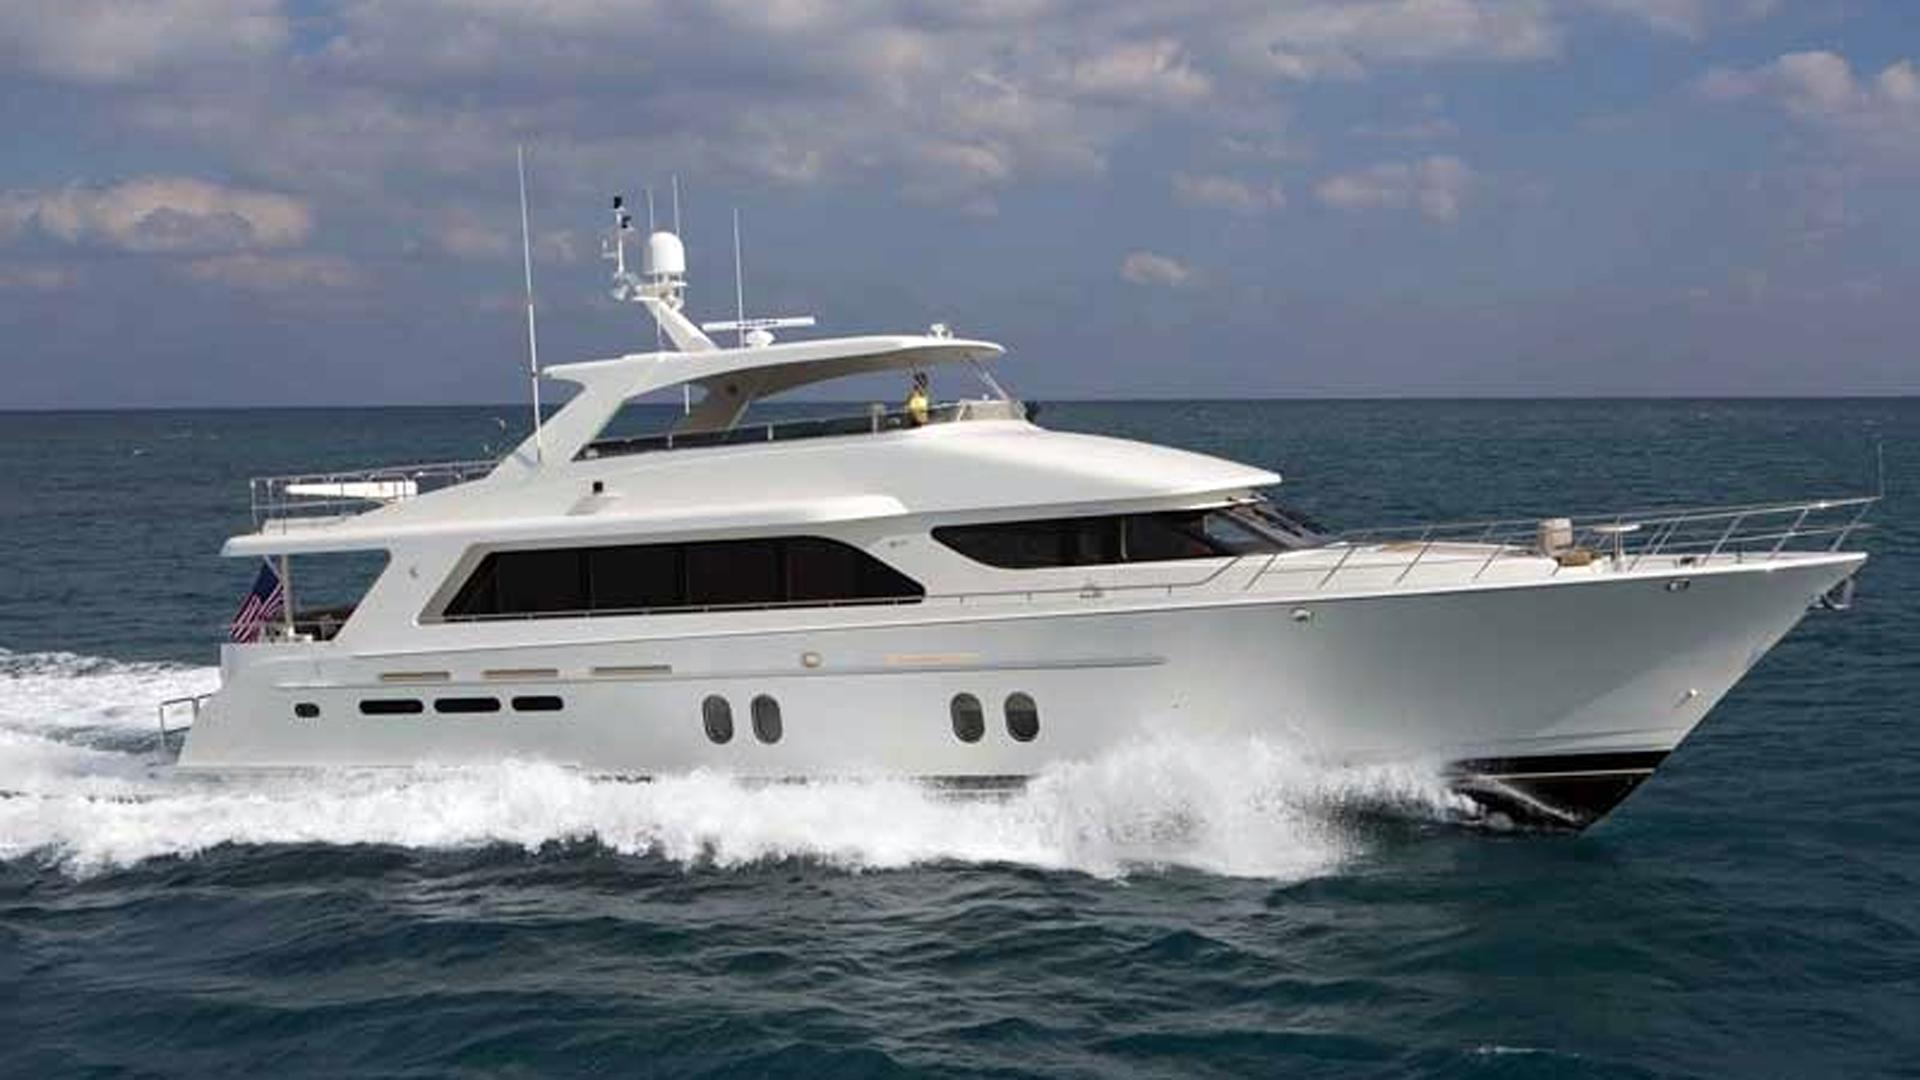 reunion gigi foofaraw motoryacht cheoy lee 27m 2013 profile